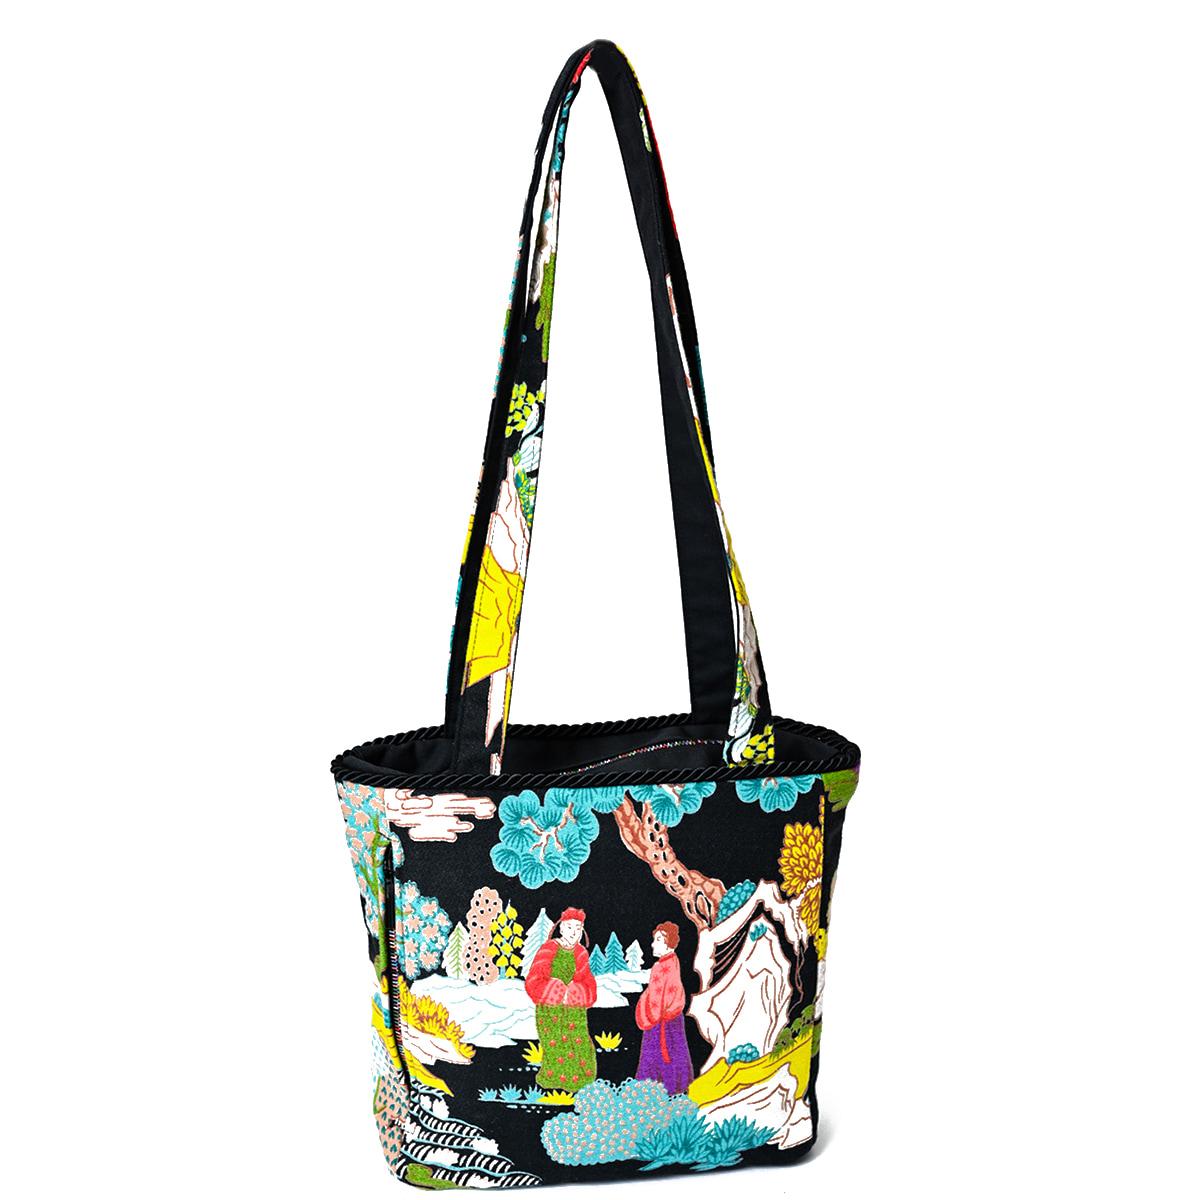 Square Bag asian motif on black